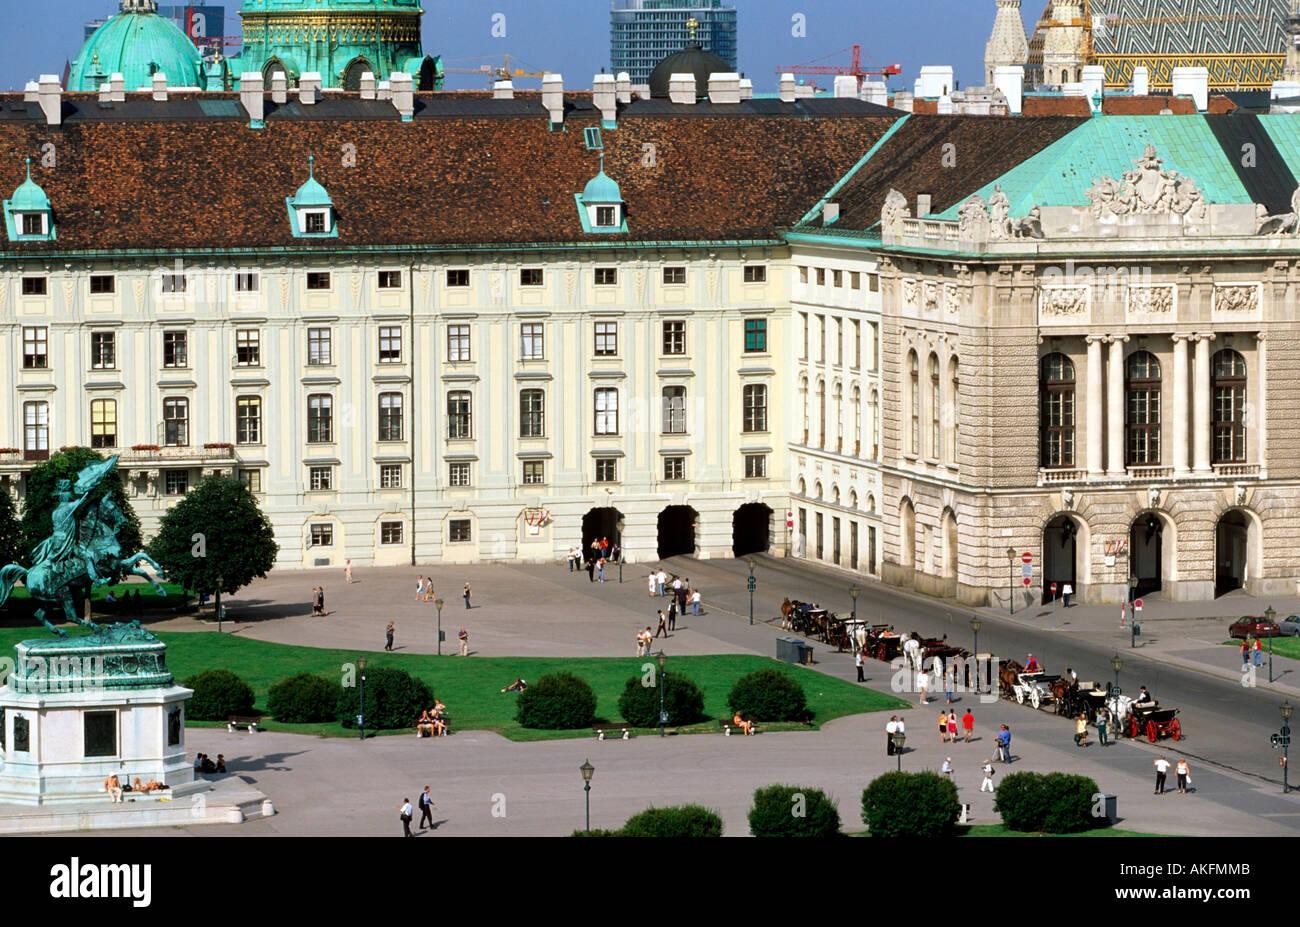 Österreich, Wien 1, Heldenplatz, Südflügel der Wiener Hofburg (Redoutensäle), links Reiterstandbild von Erzherzog Karl - Stock Image